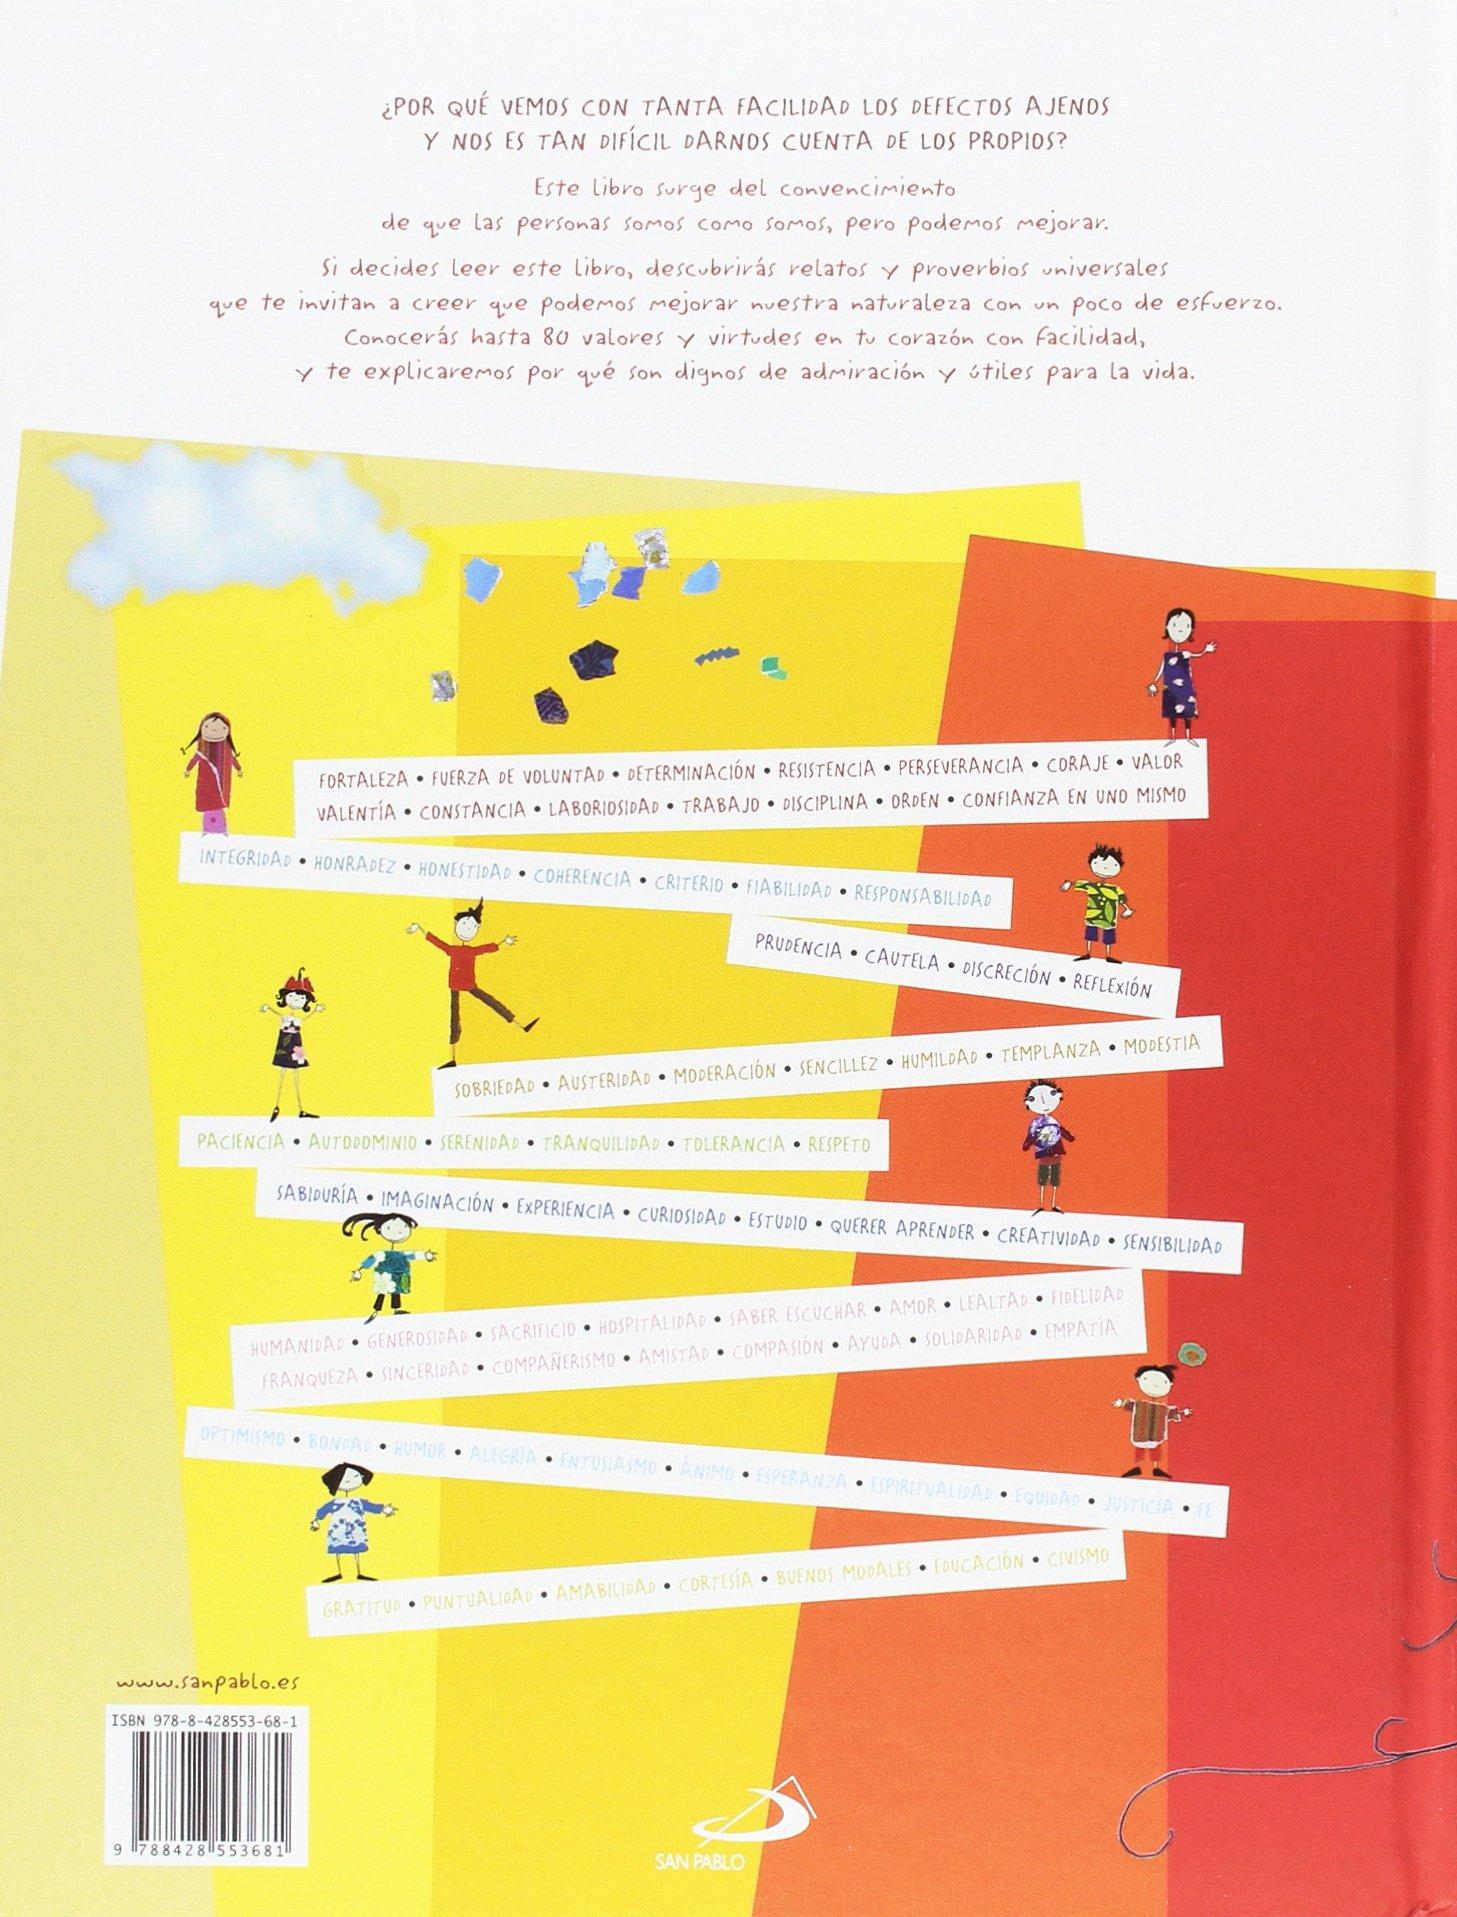 80 valores y virtudes que te gustará conocer: Relatos y proverbios universales Cuentos y ficción: Amazon.es: Monreal Díaz, Violeta, Monreal Díaz, Violeta: Libros